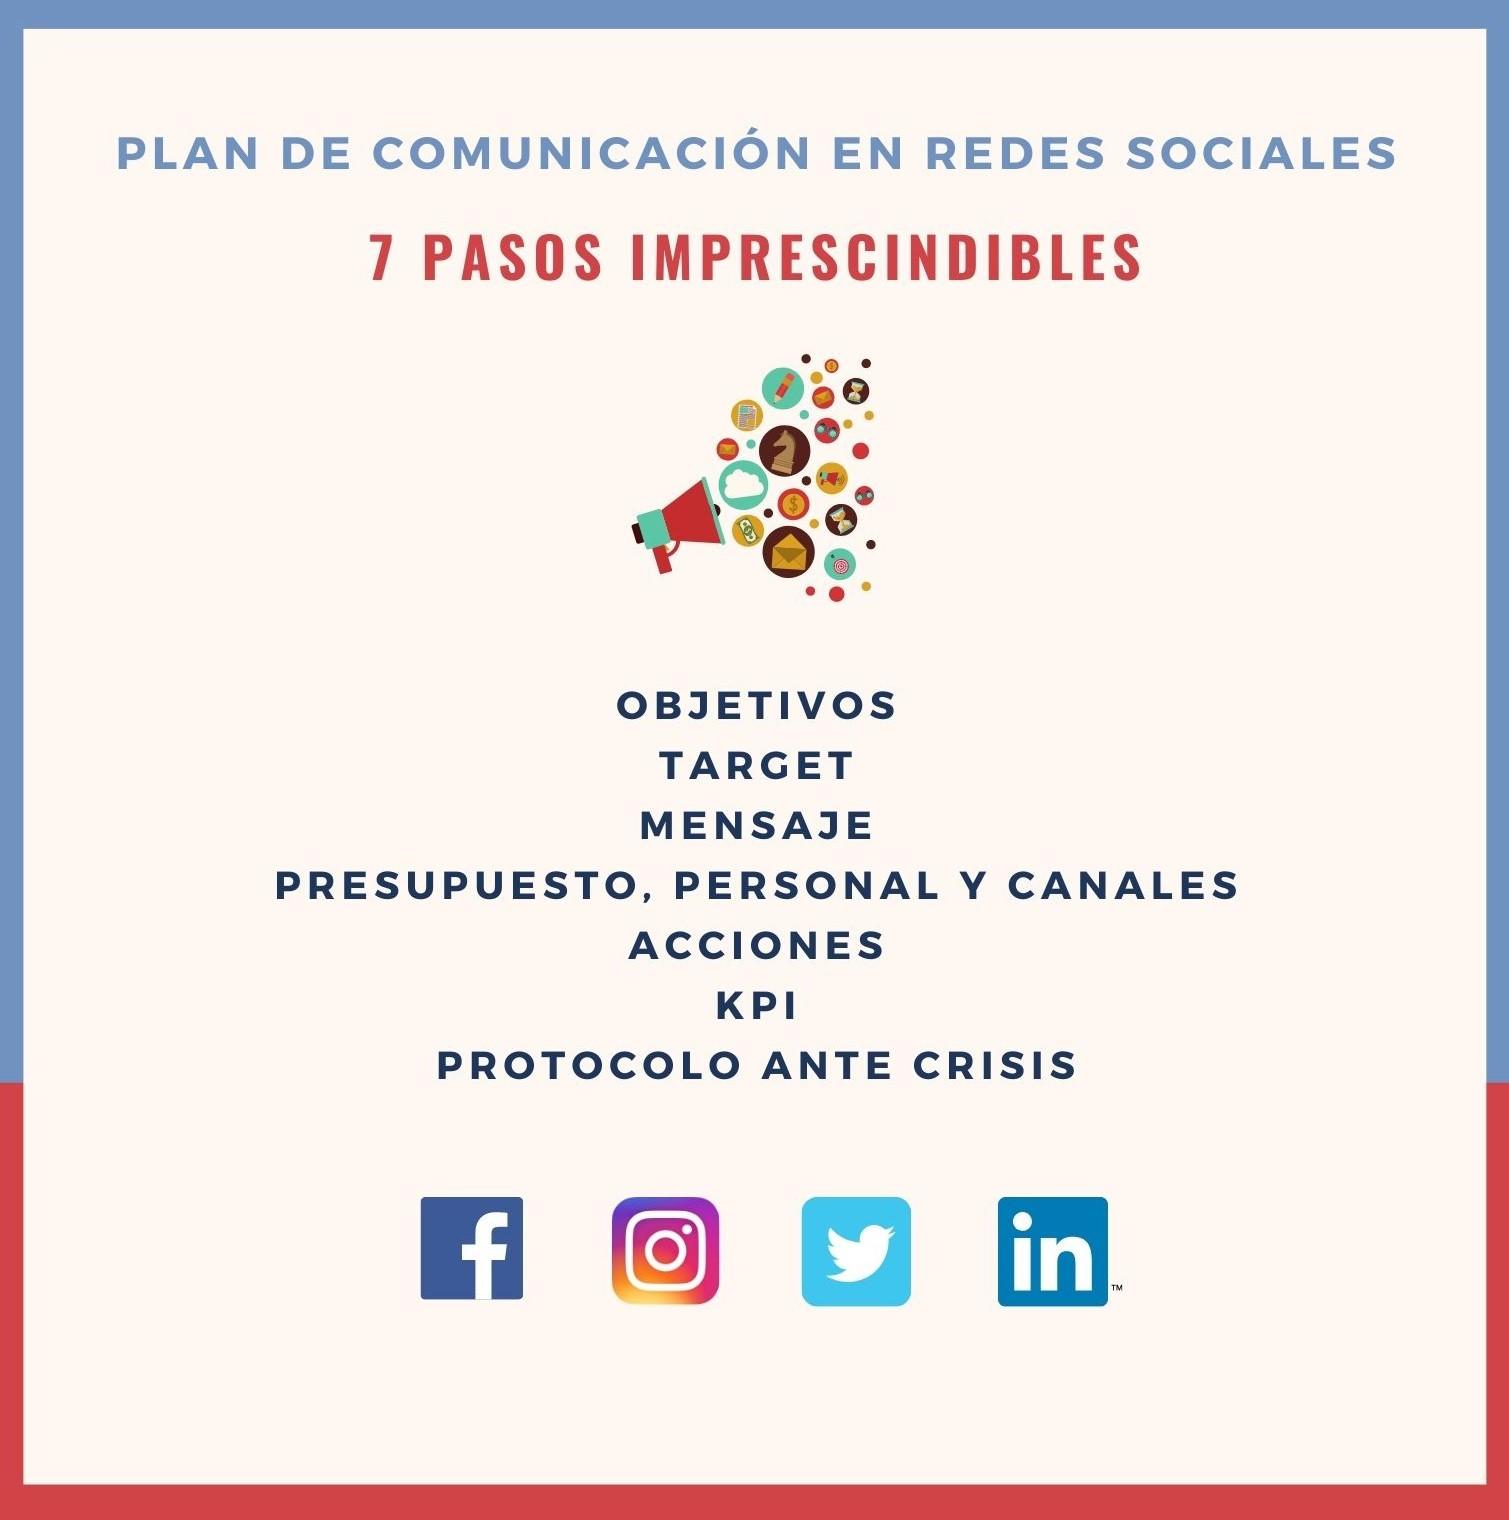 Infografía sobre cómo hacer un Plan de comunicación redes sociales